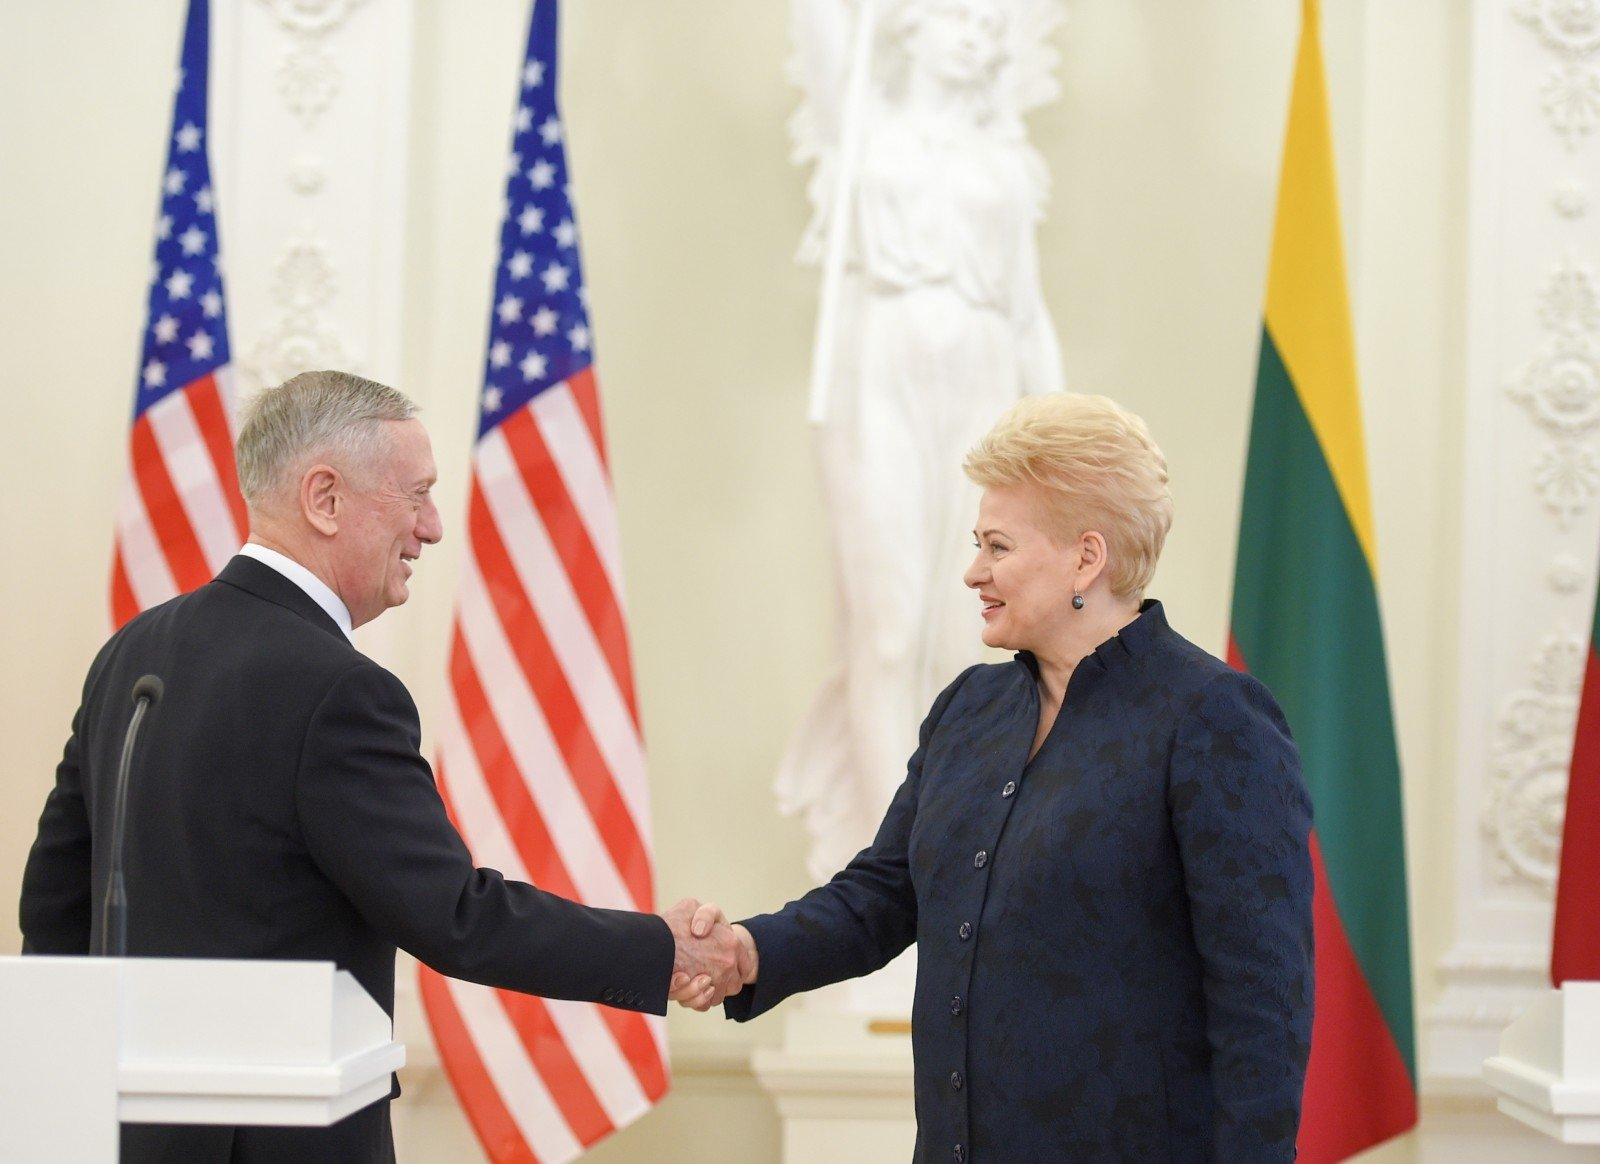 Литва построит на границе с Россией заграждение с дополнительным оборудованием протяженностью в 45 км - Цензор.НЕТ 5197